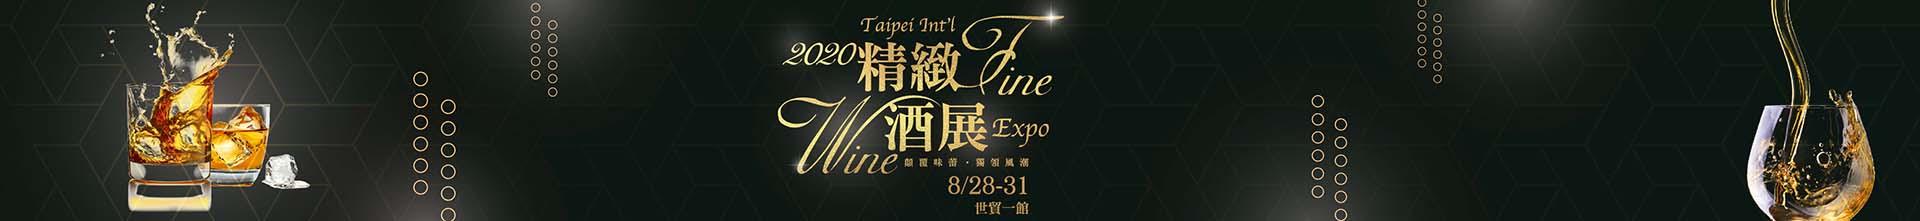 2019台北國際精緻酒展8/23-26世貿一館